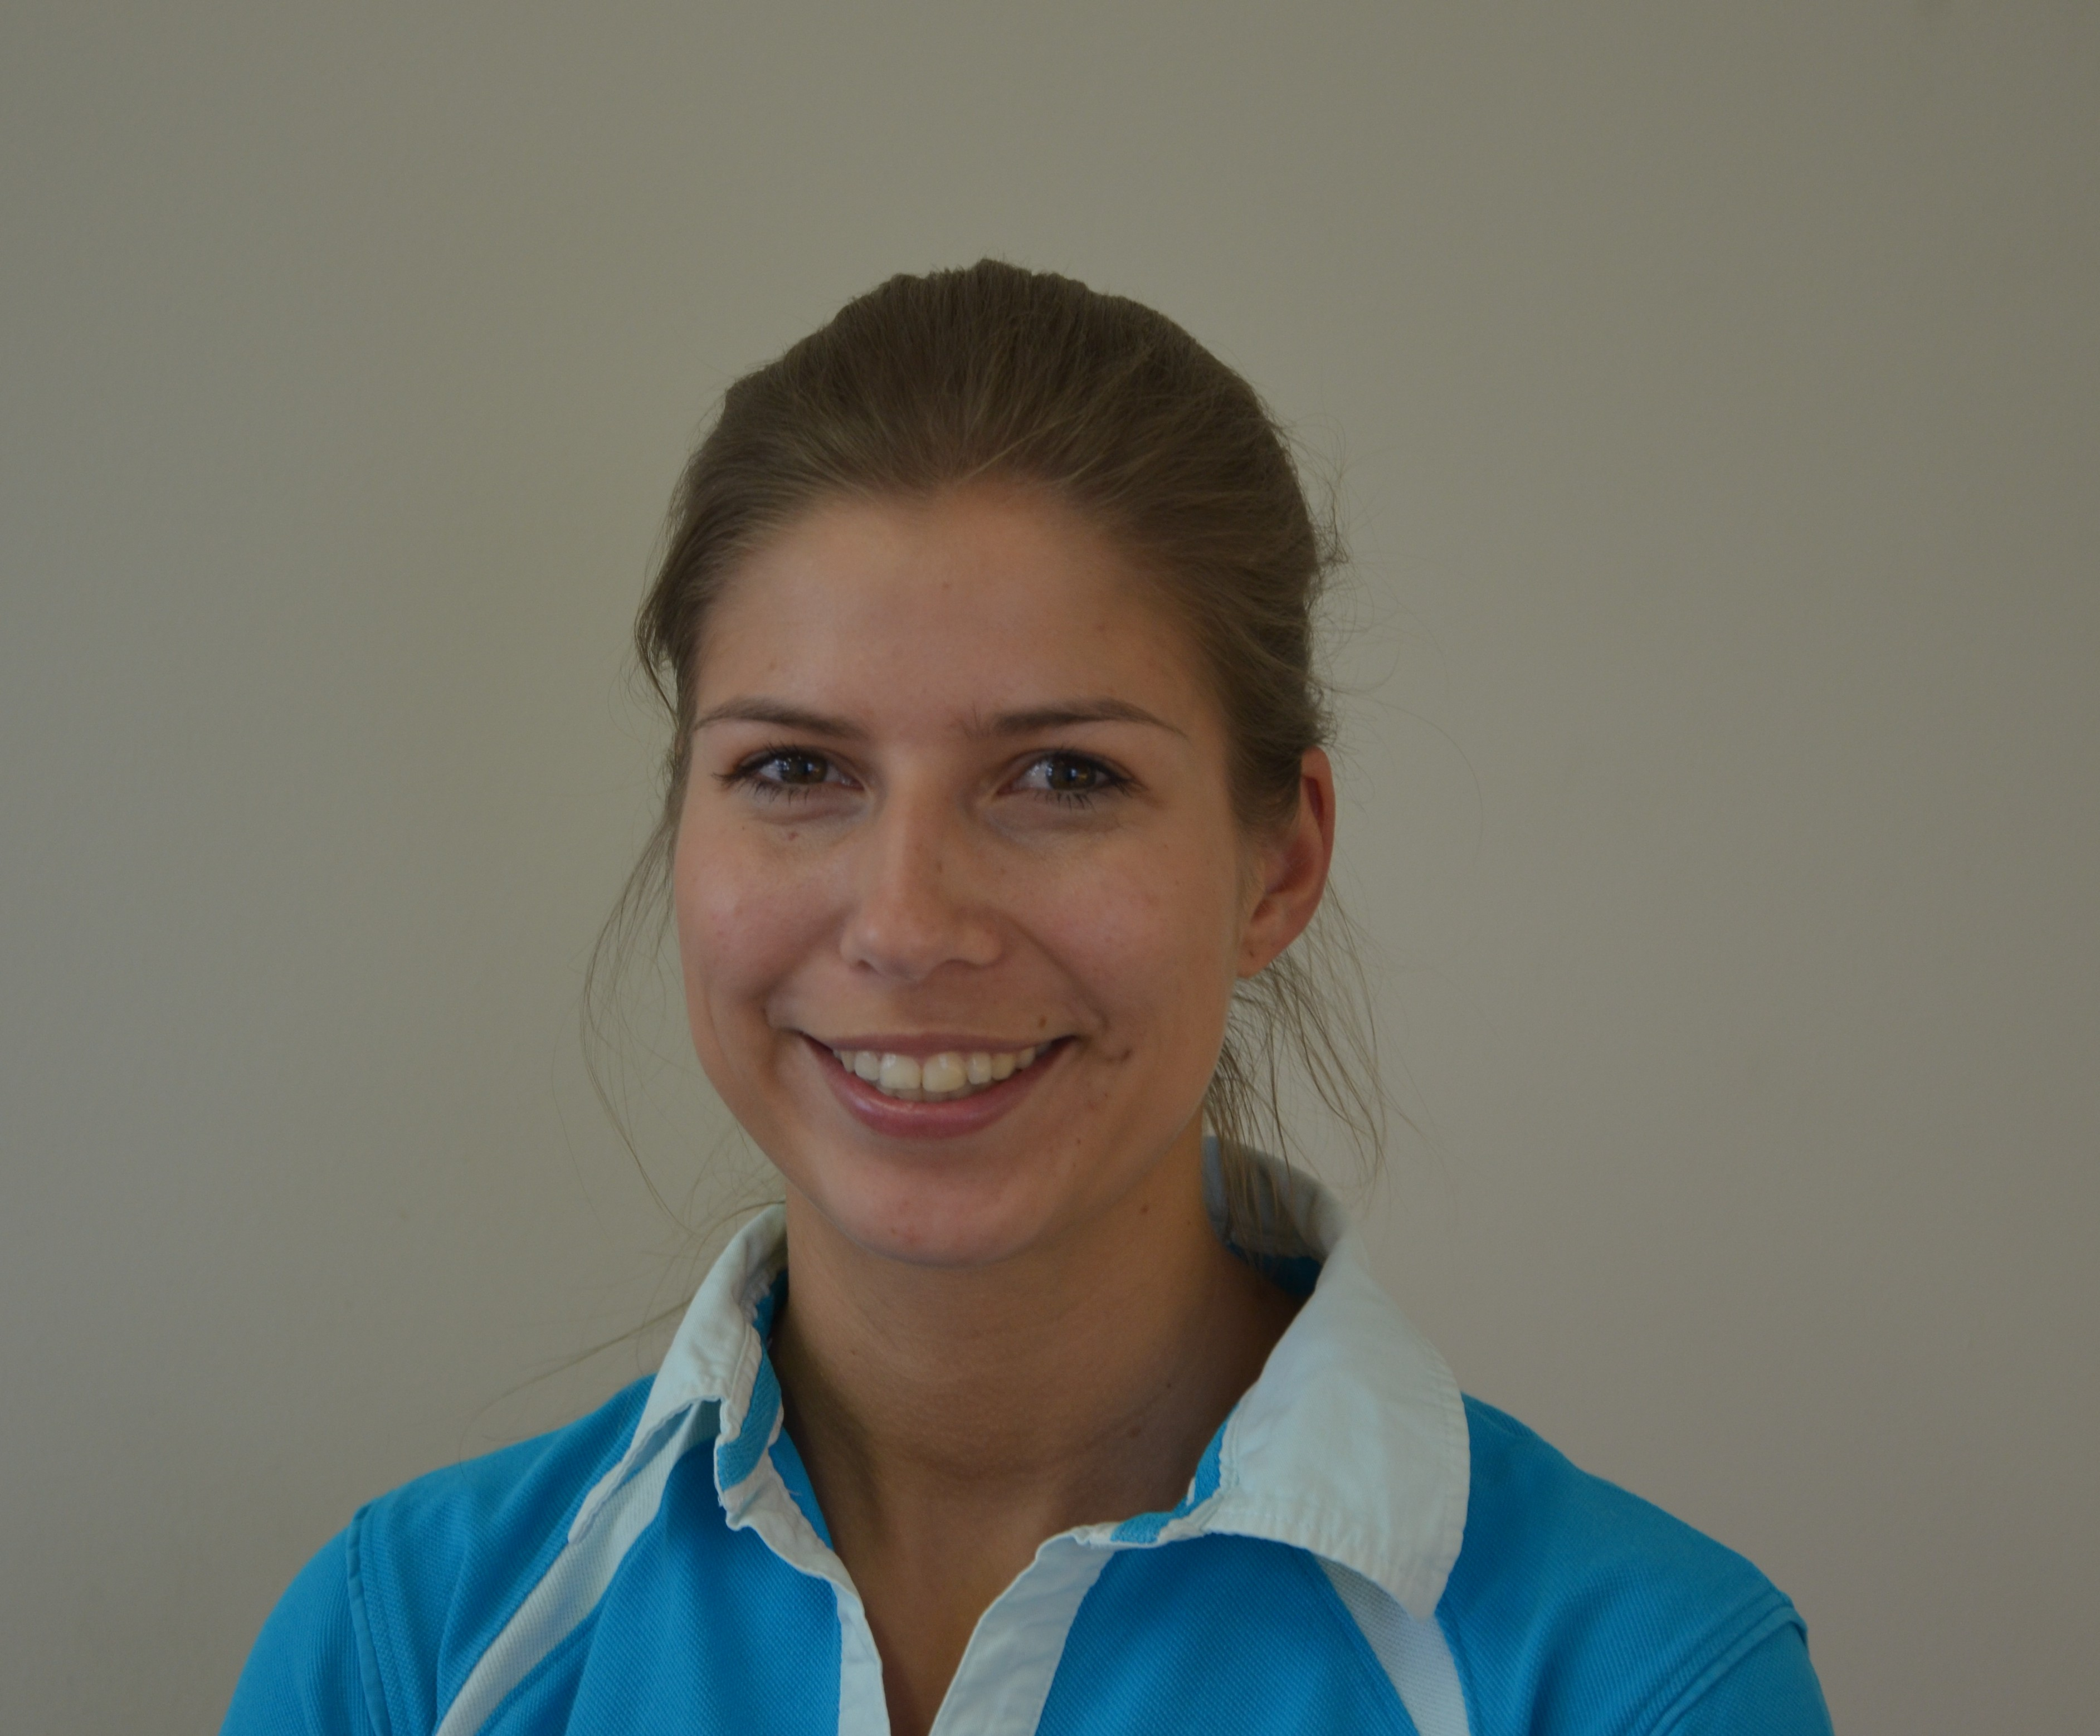 Denise Koorevaar